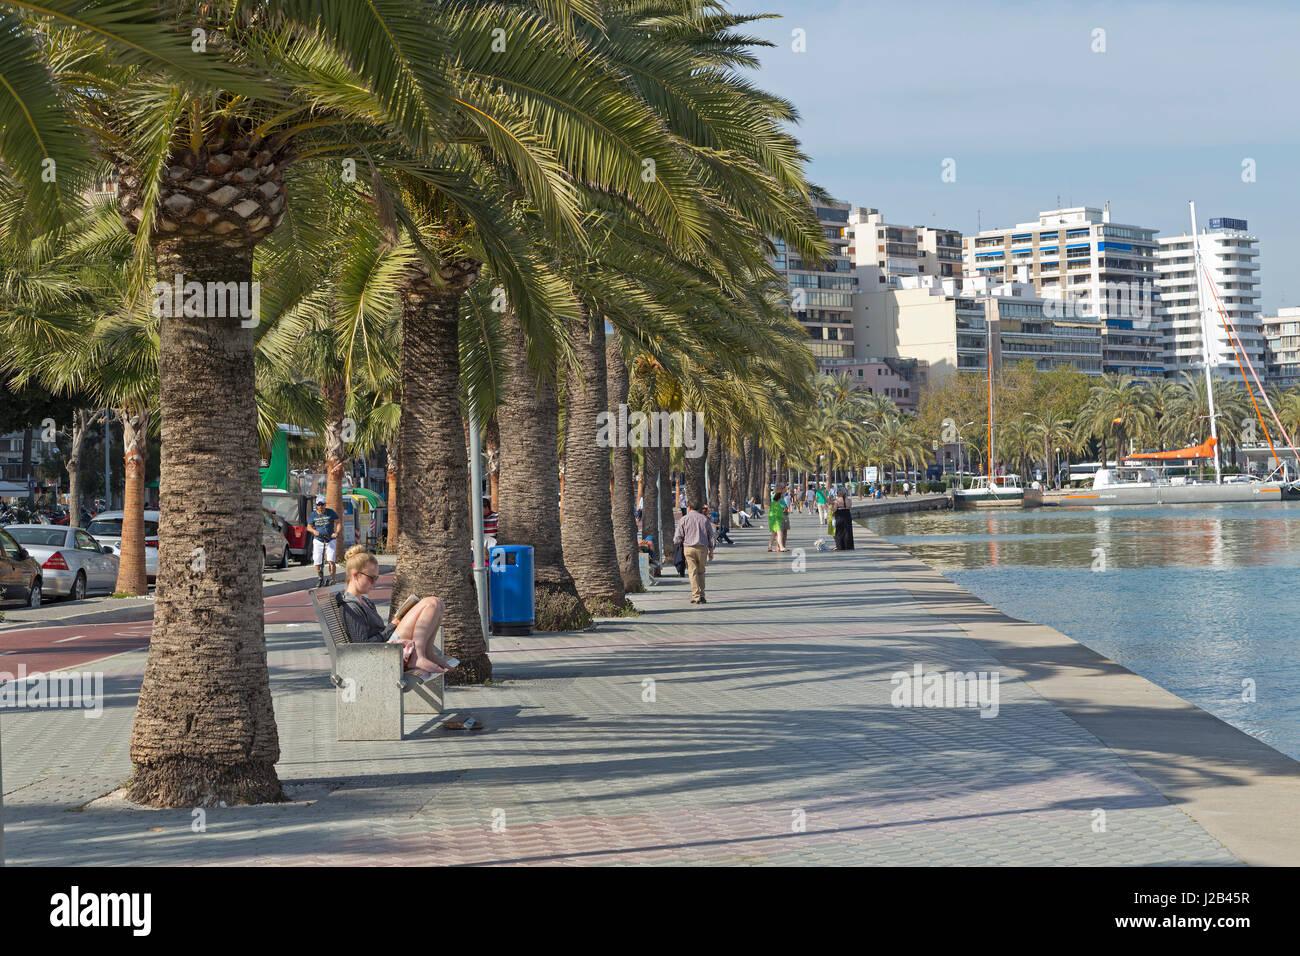 Front de mer de Palma de Mallorca, Espagne Photo Stock